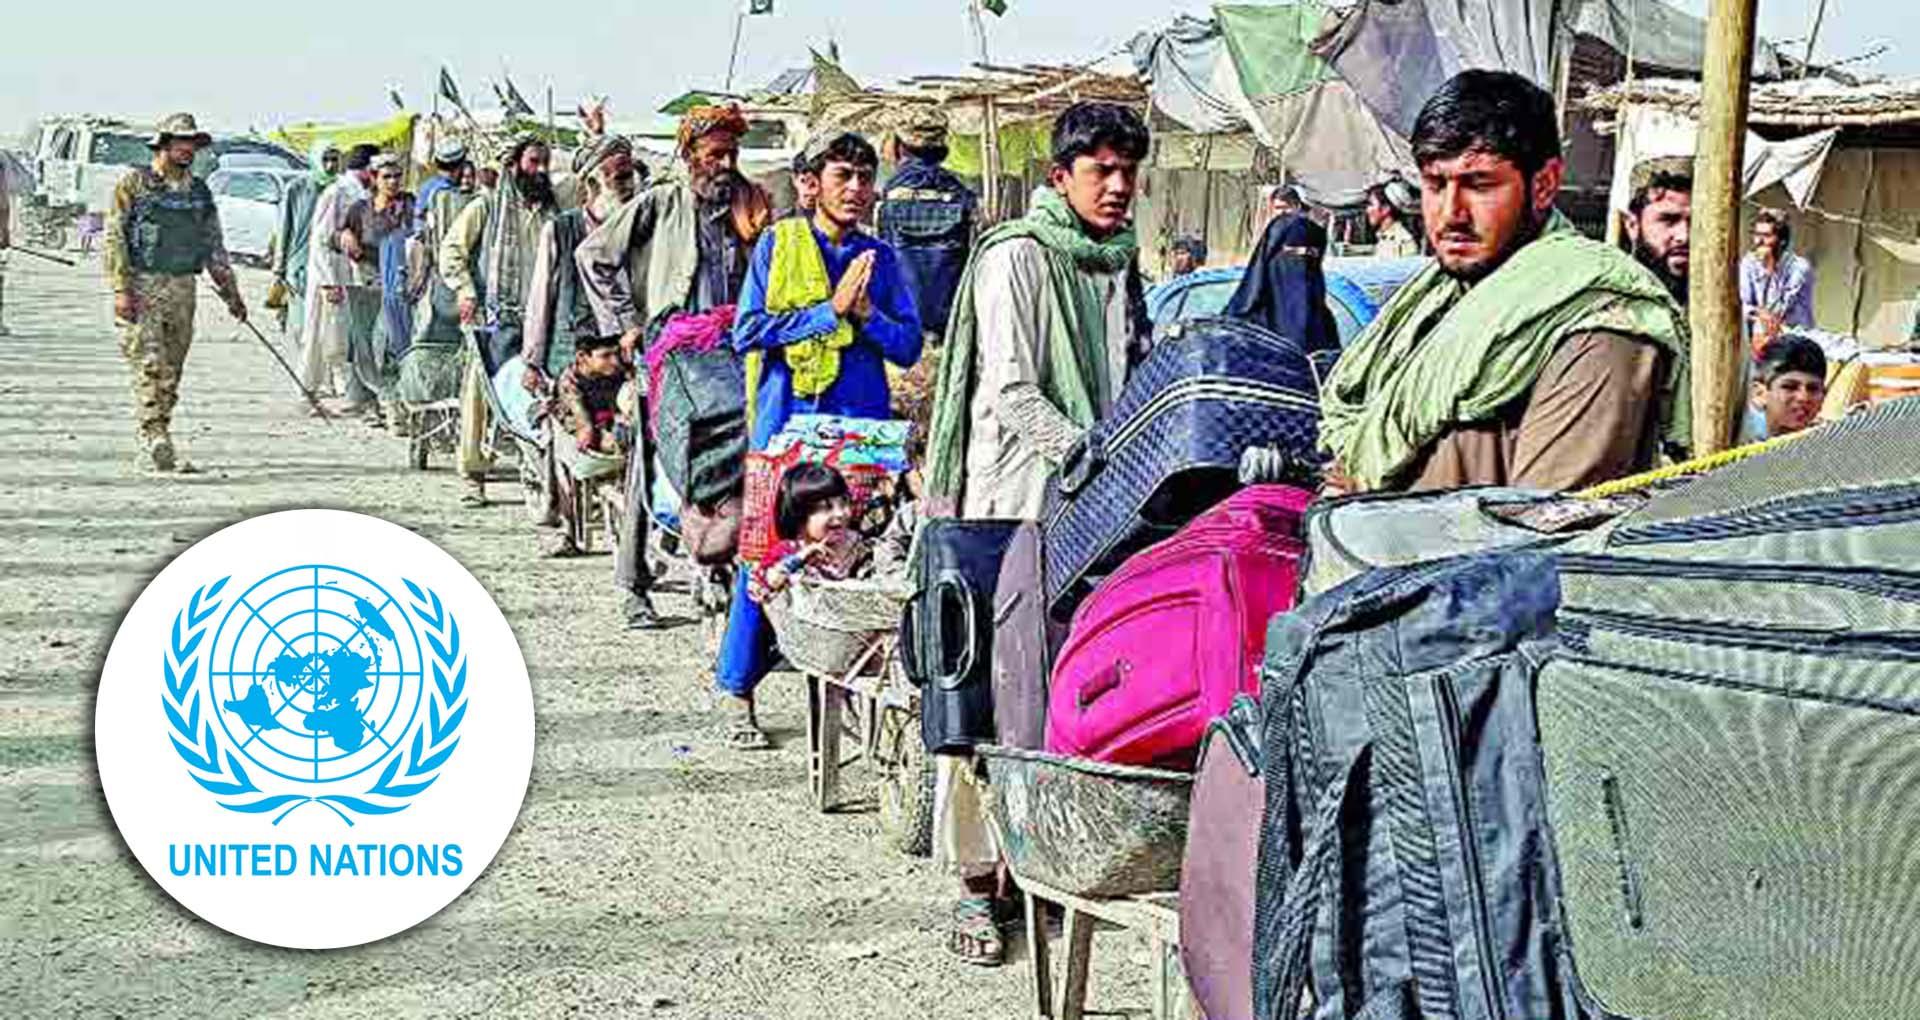 আফগানিস্তান এক মাসের মধ্যে খাদ্যসংকটে পড়ার সম্ভাবনা রেয়েছ : জাতিসংঘ